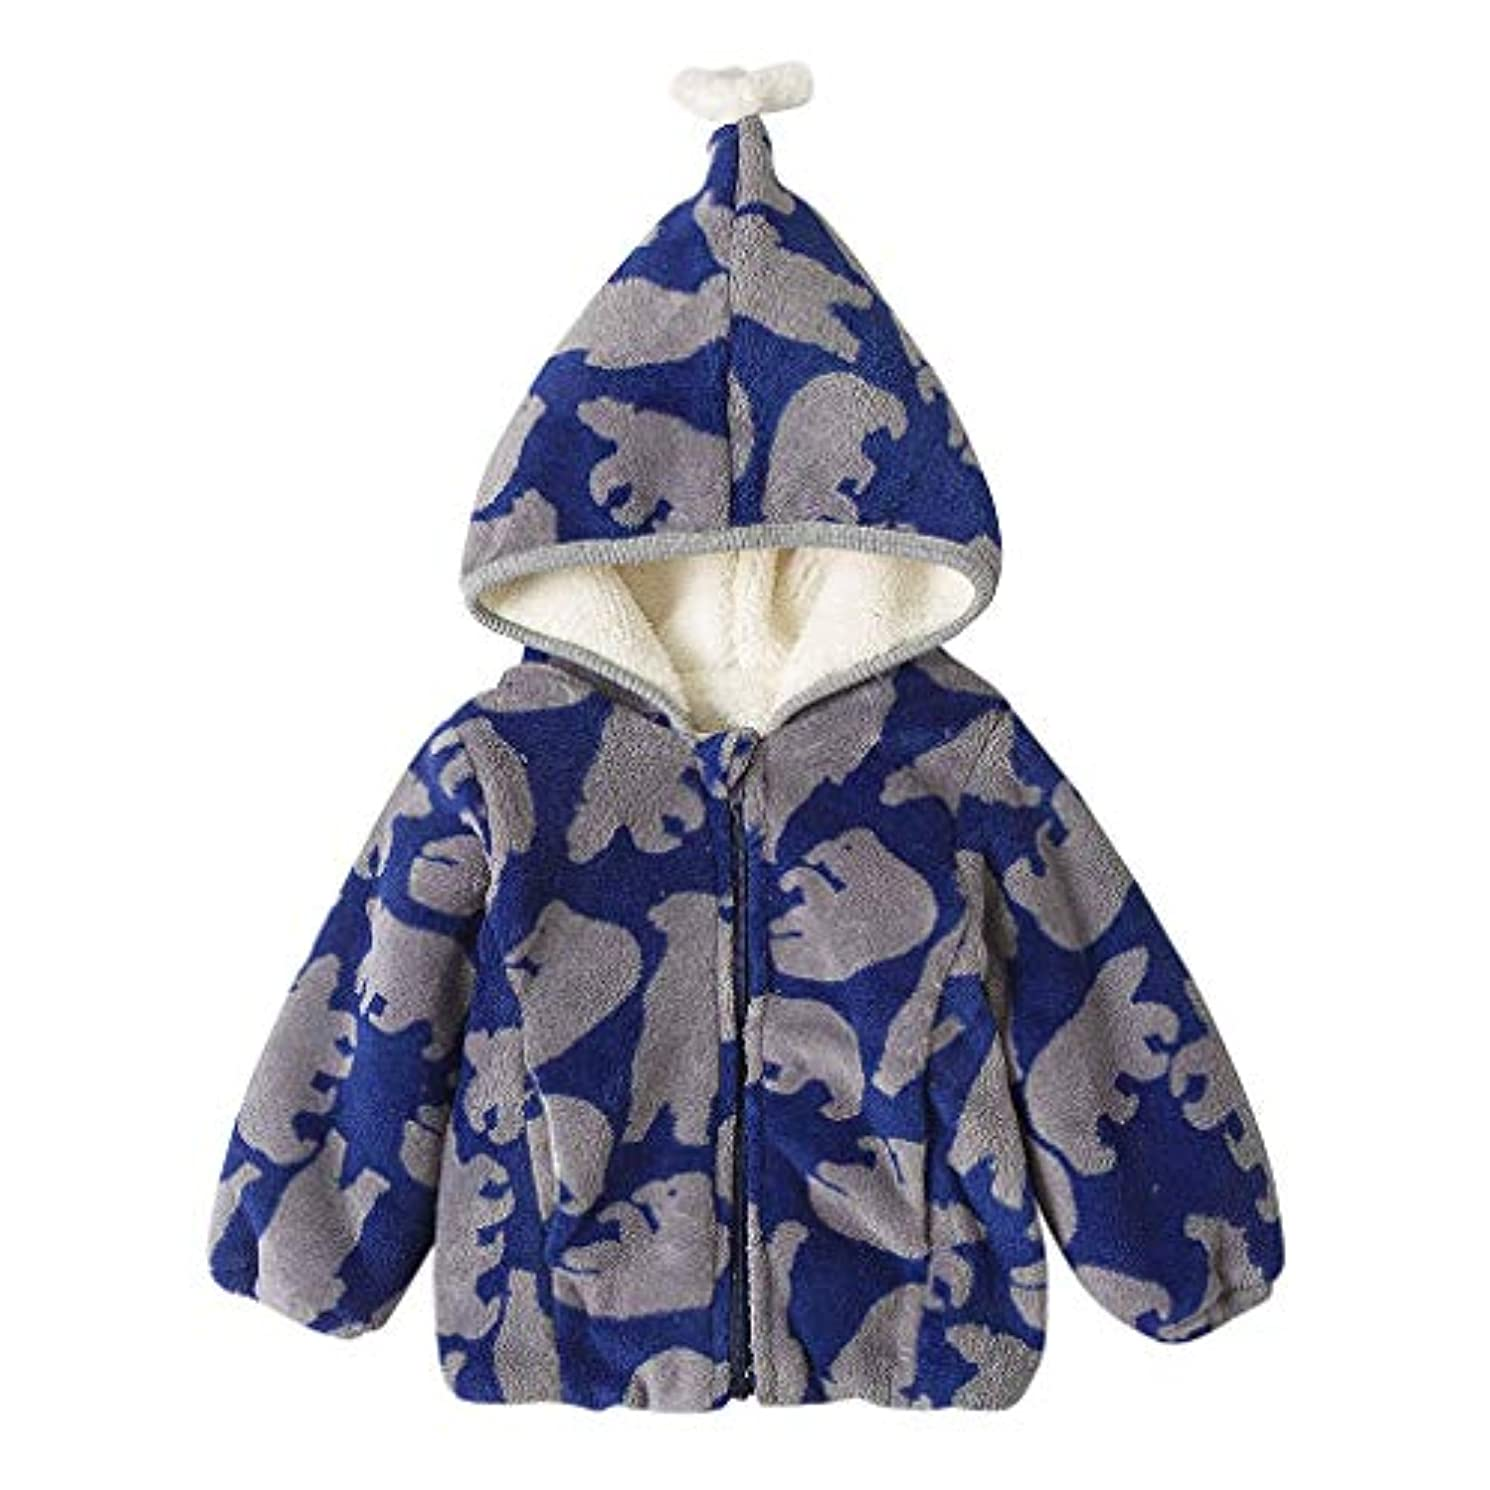 ブースト定規早くかわいい柄あたたかい男の子女の子赤ちゃん冬コートジャケット子供ジップ厚いスノースーツパーカーオーバーコート屋外かわいいルースソフト快適なブラウストップス